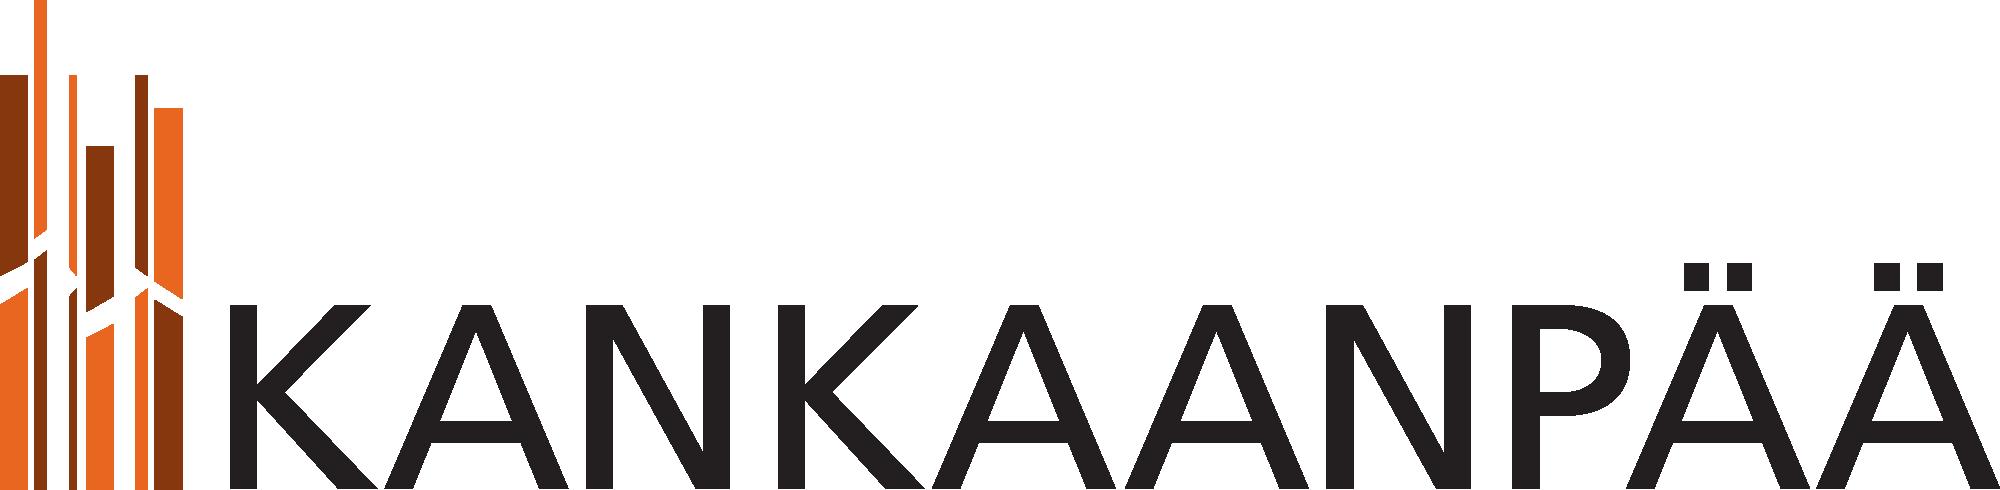 kankaanpaa_logo_crop